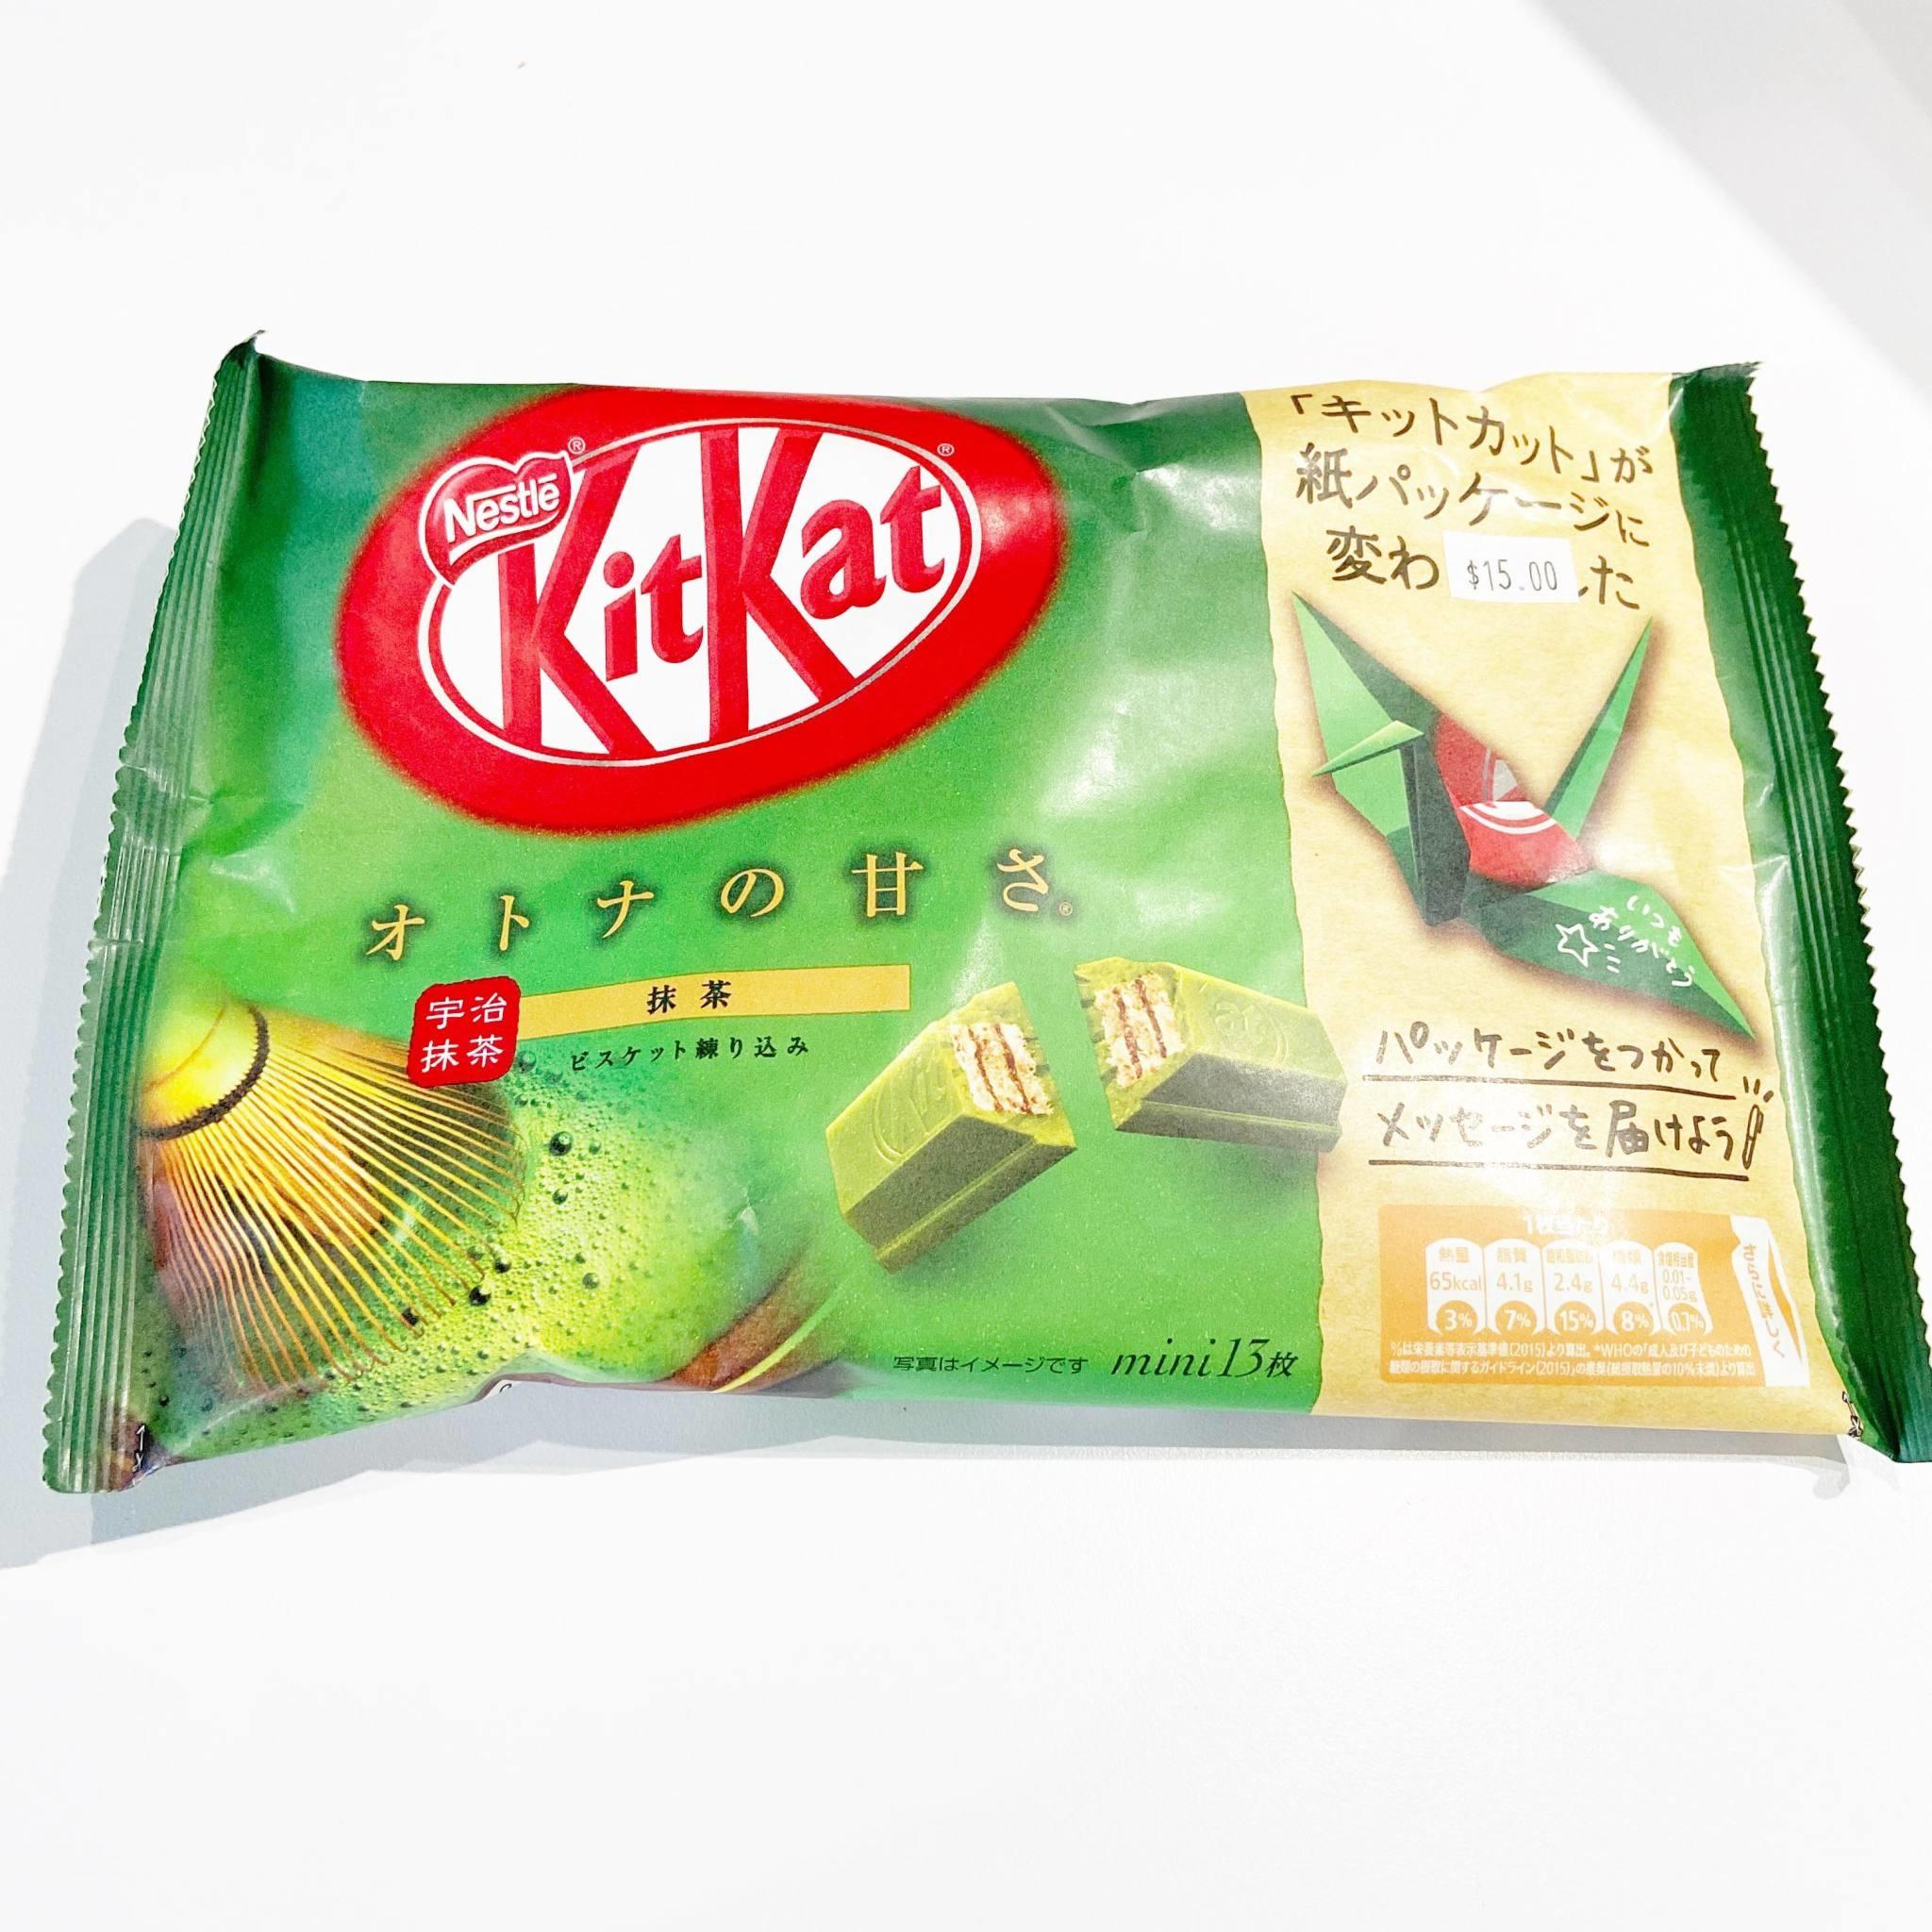 Nestle Kitkat Matcha Chocolate Bar